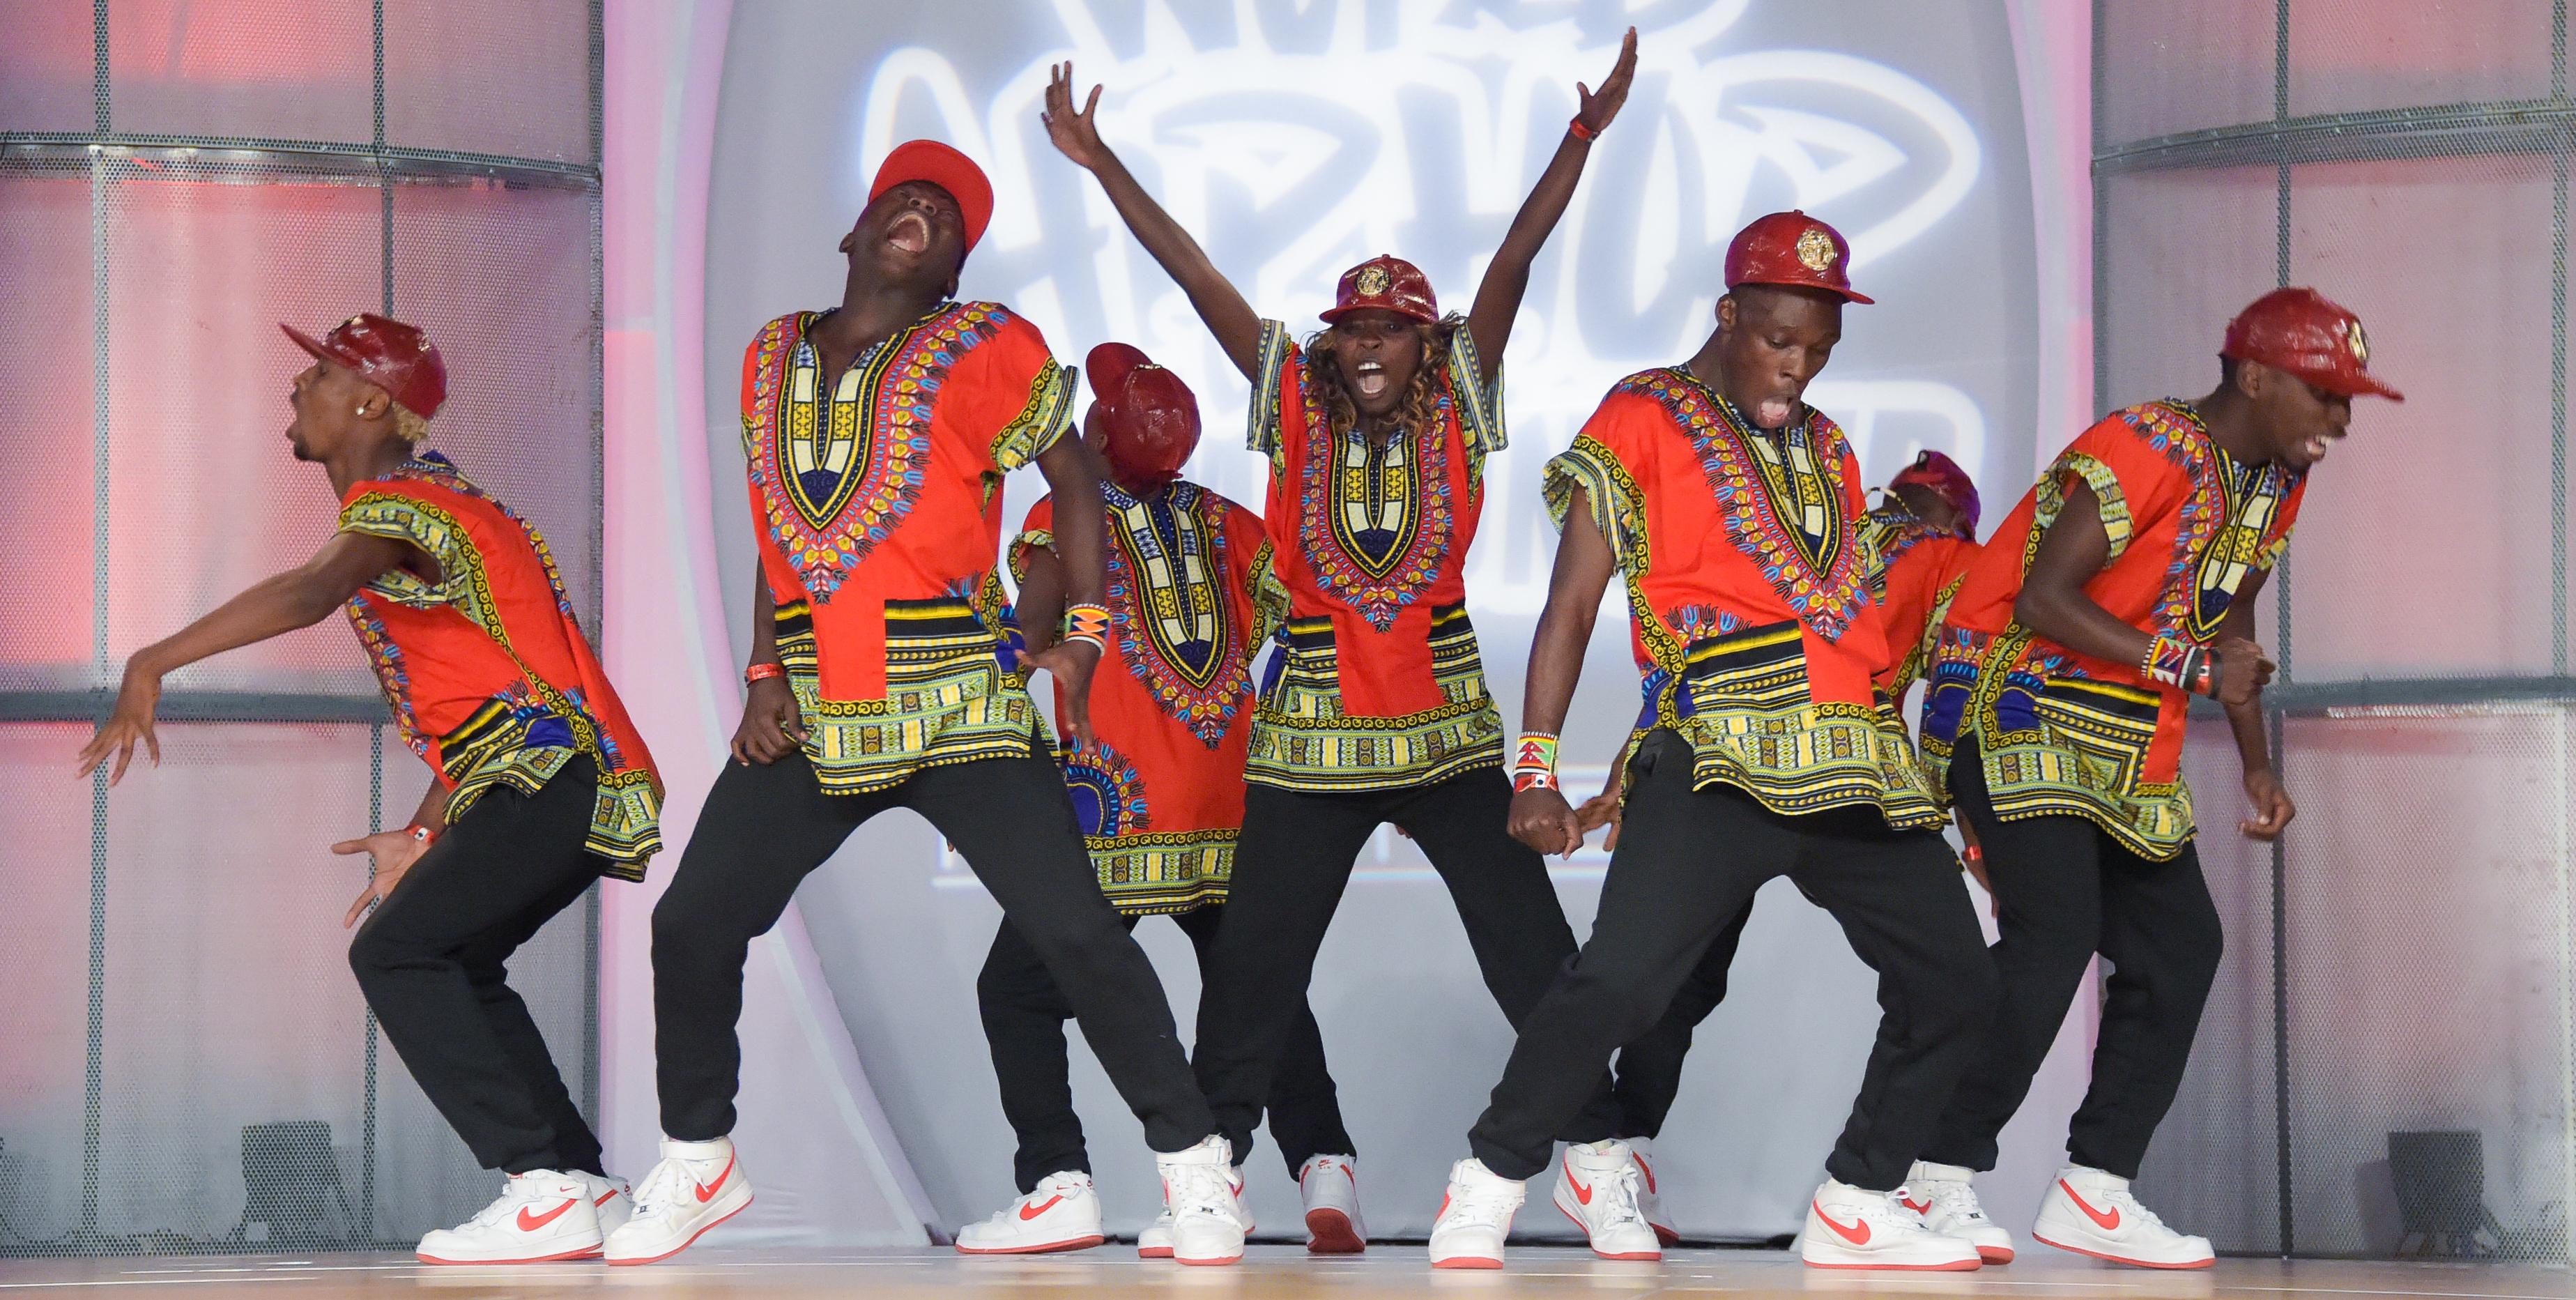 FBI Dance Crew - Kenya - Adult